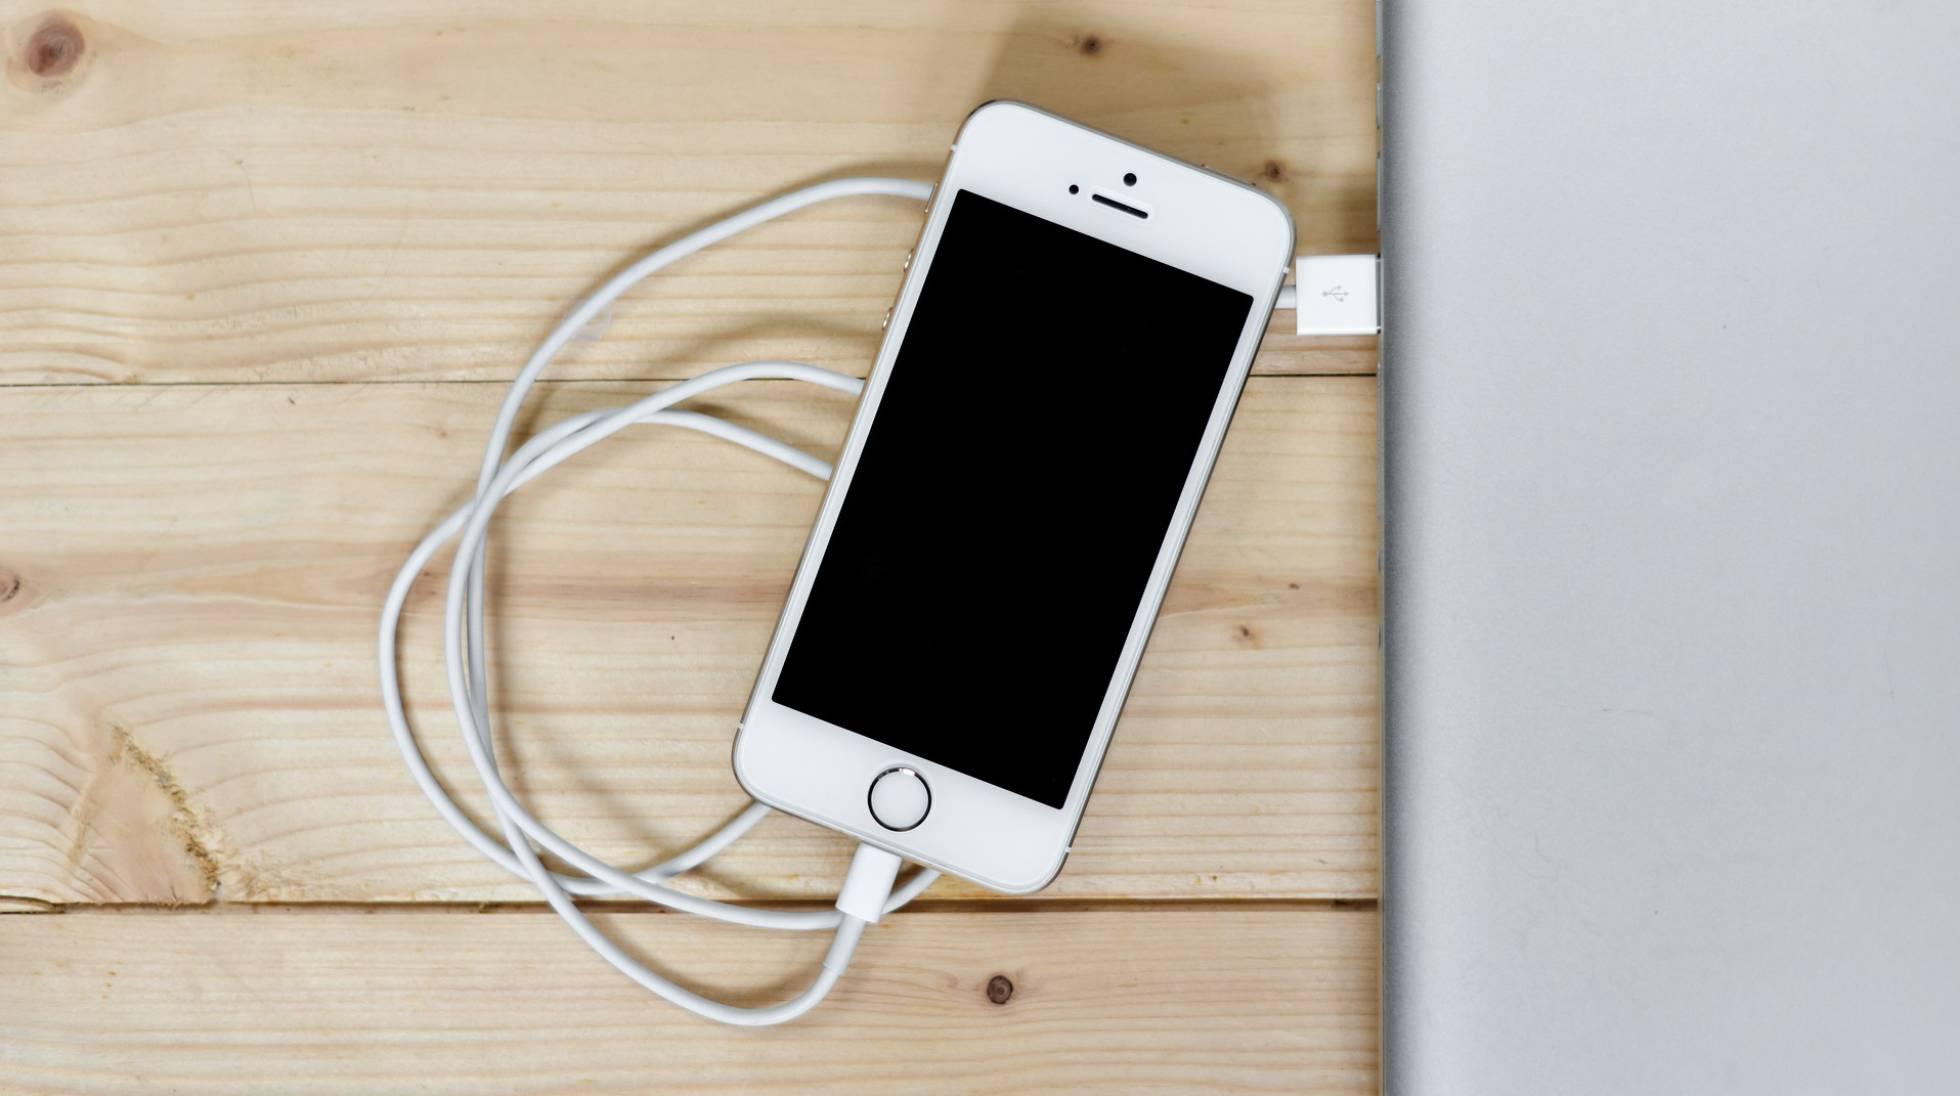 Smartphones : Como carregar corretamente a bateria do celular : mitos e lendas